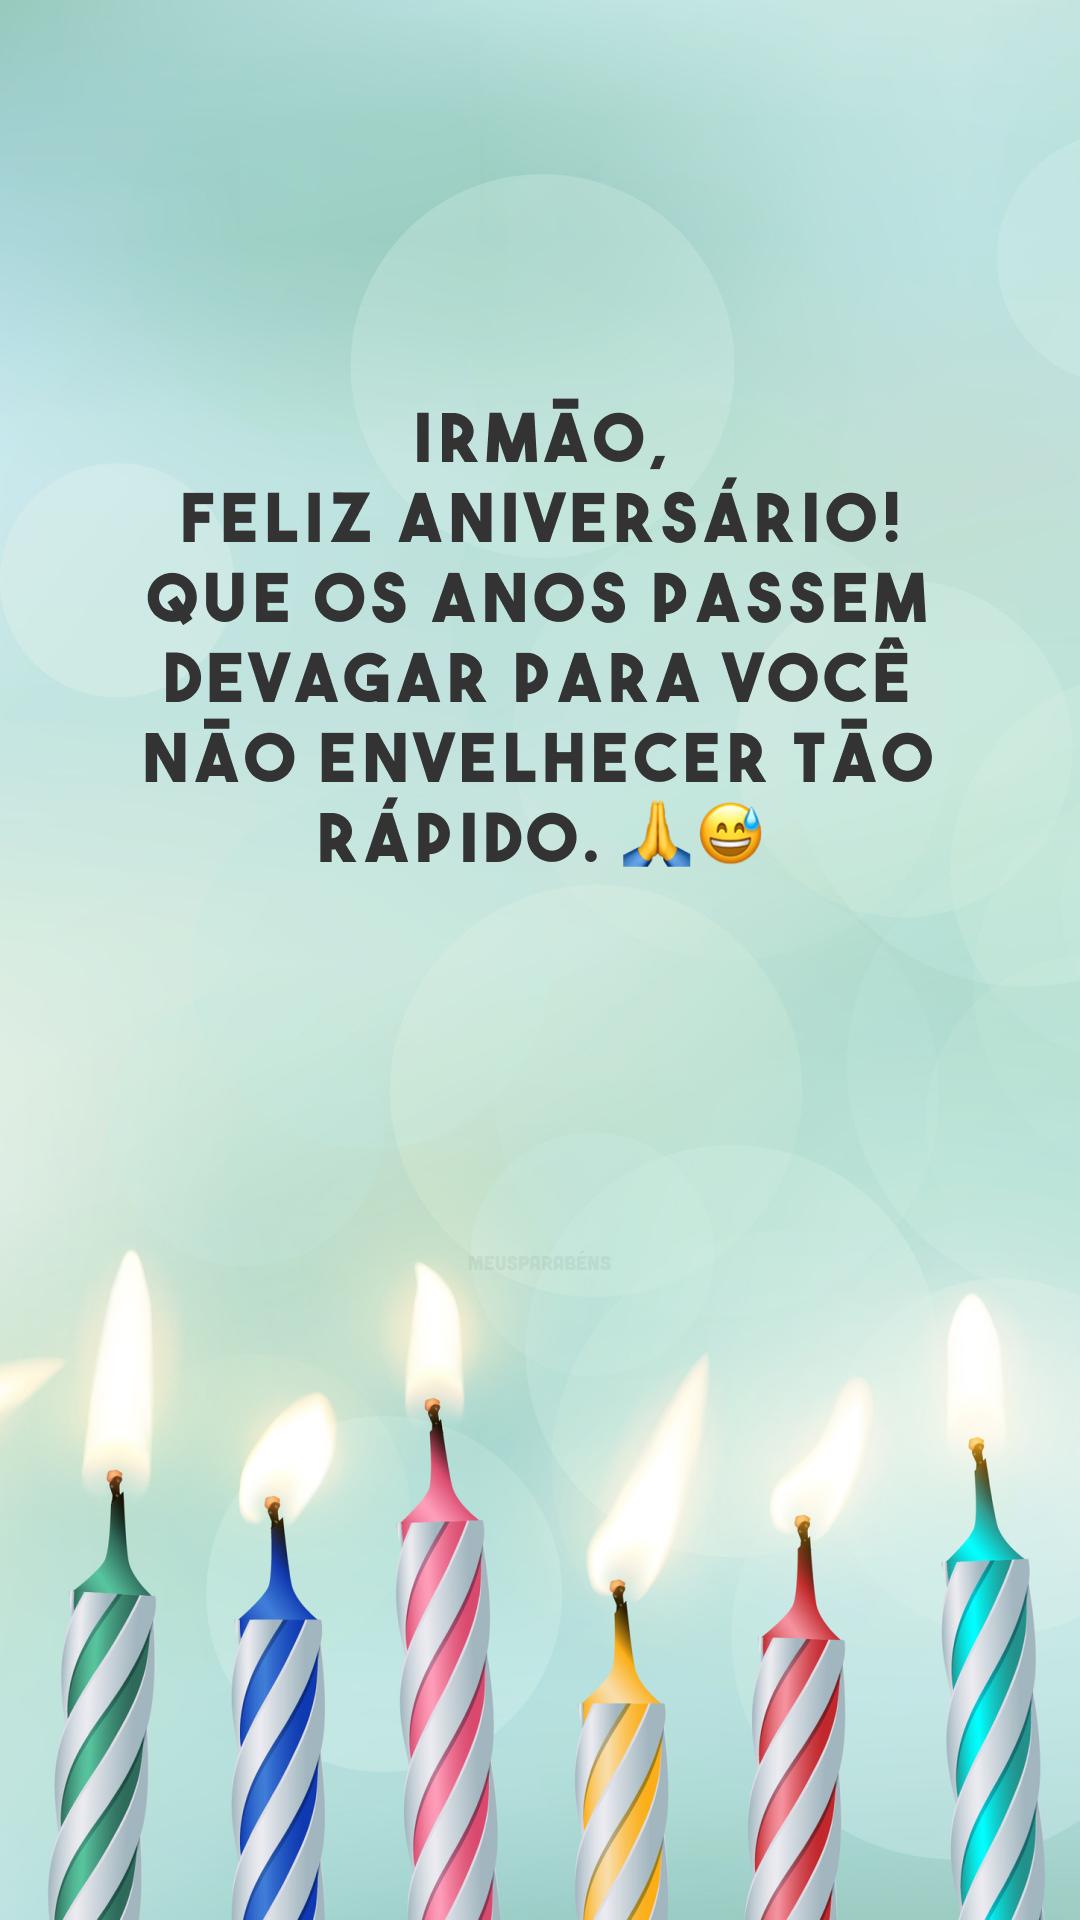 Irmão, feliz aniversário! Que os anos passem devagar para você não envelhecer tão rápido. 🙏😅